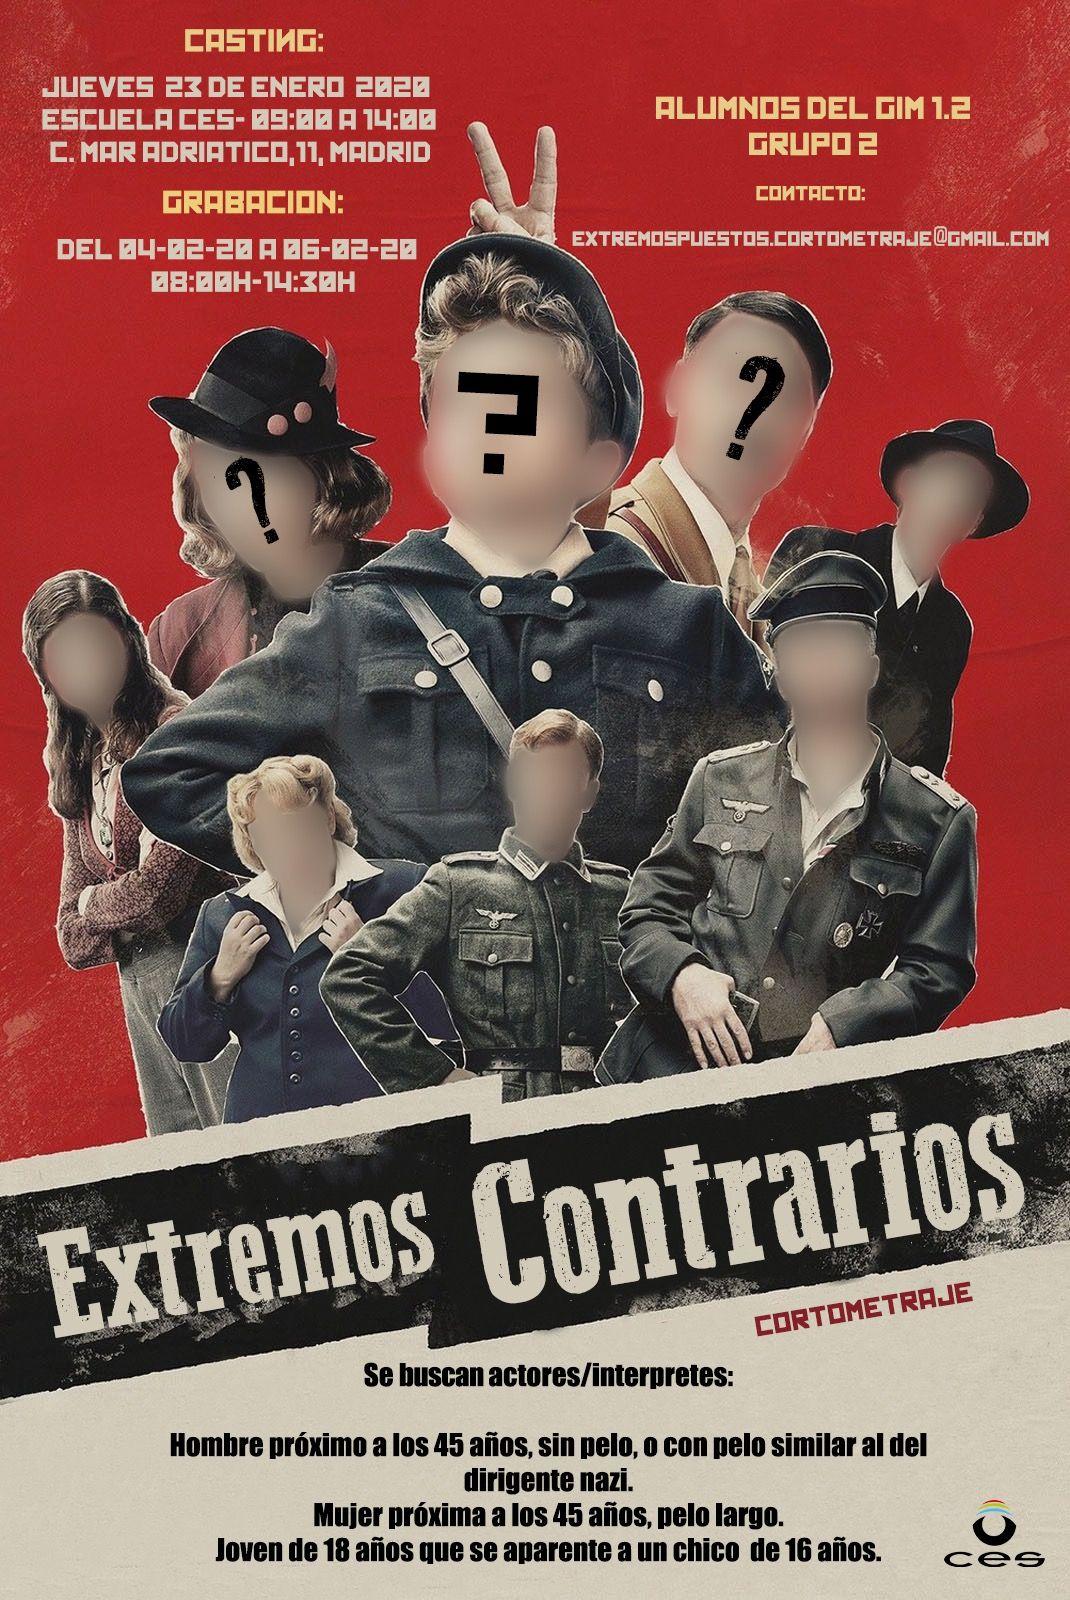 Actores y actrices de 18 a 50 años para Corto «EXTREMOS CONTRARIOS» en Madrid